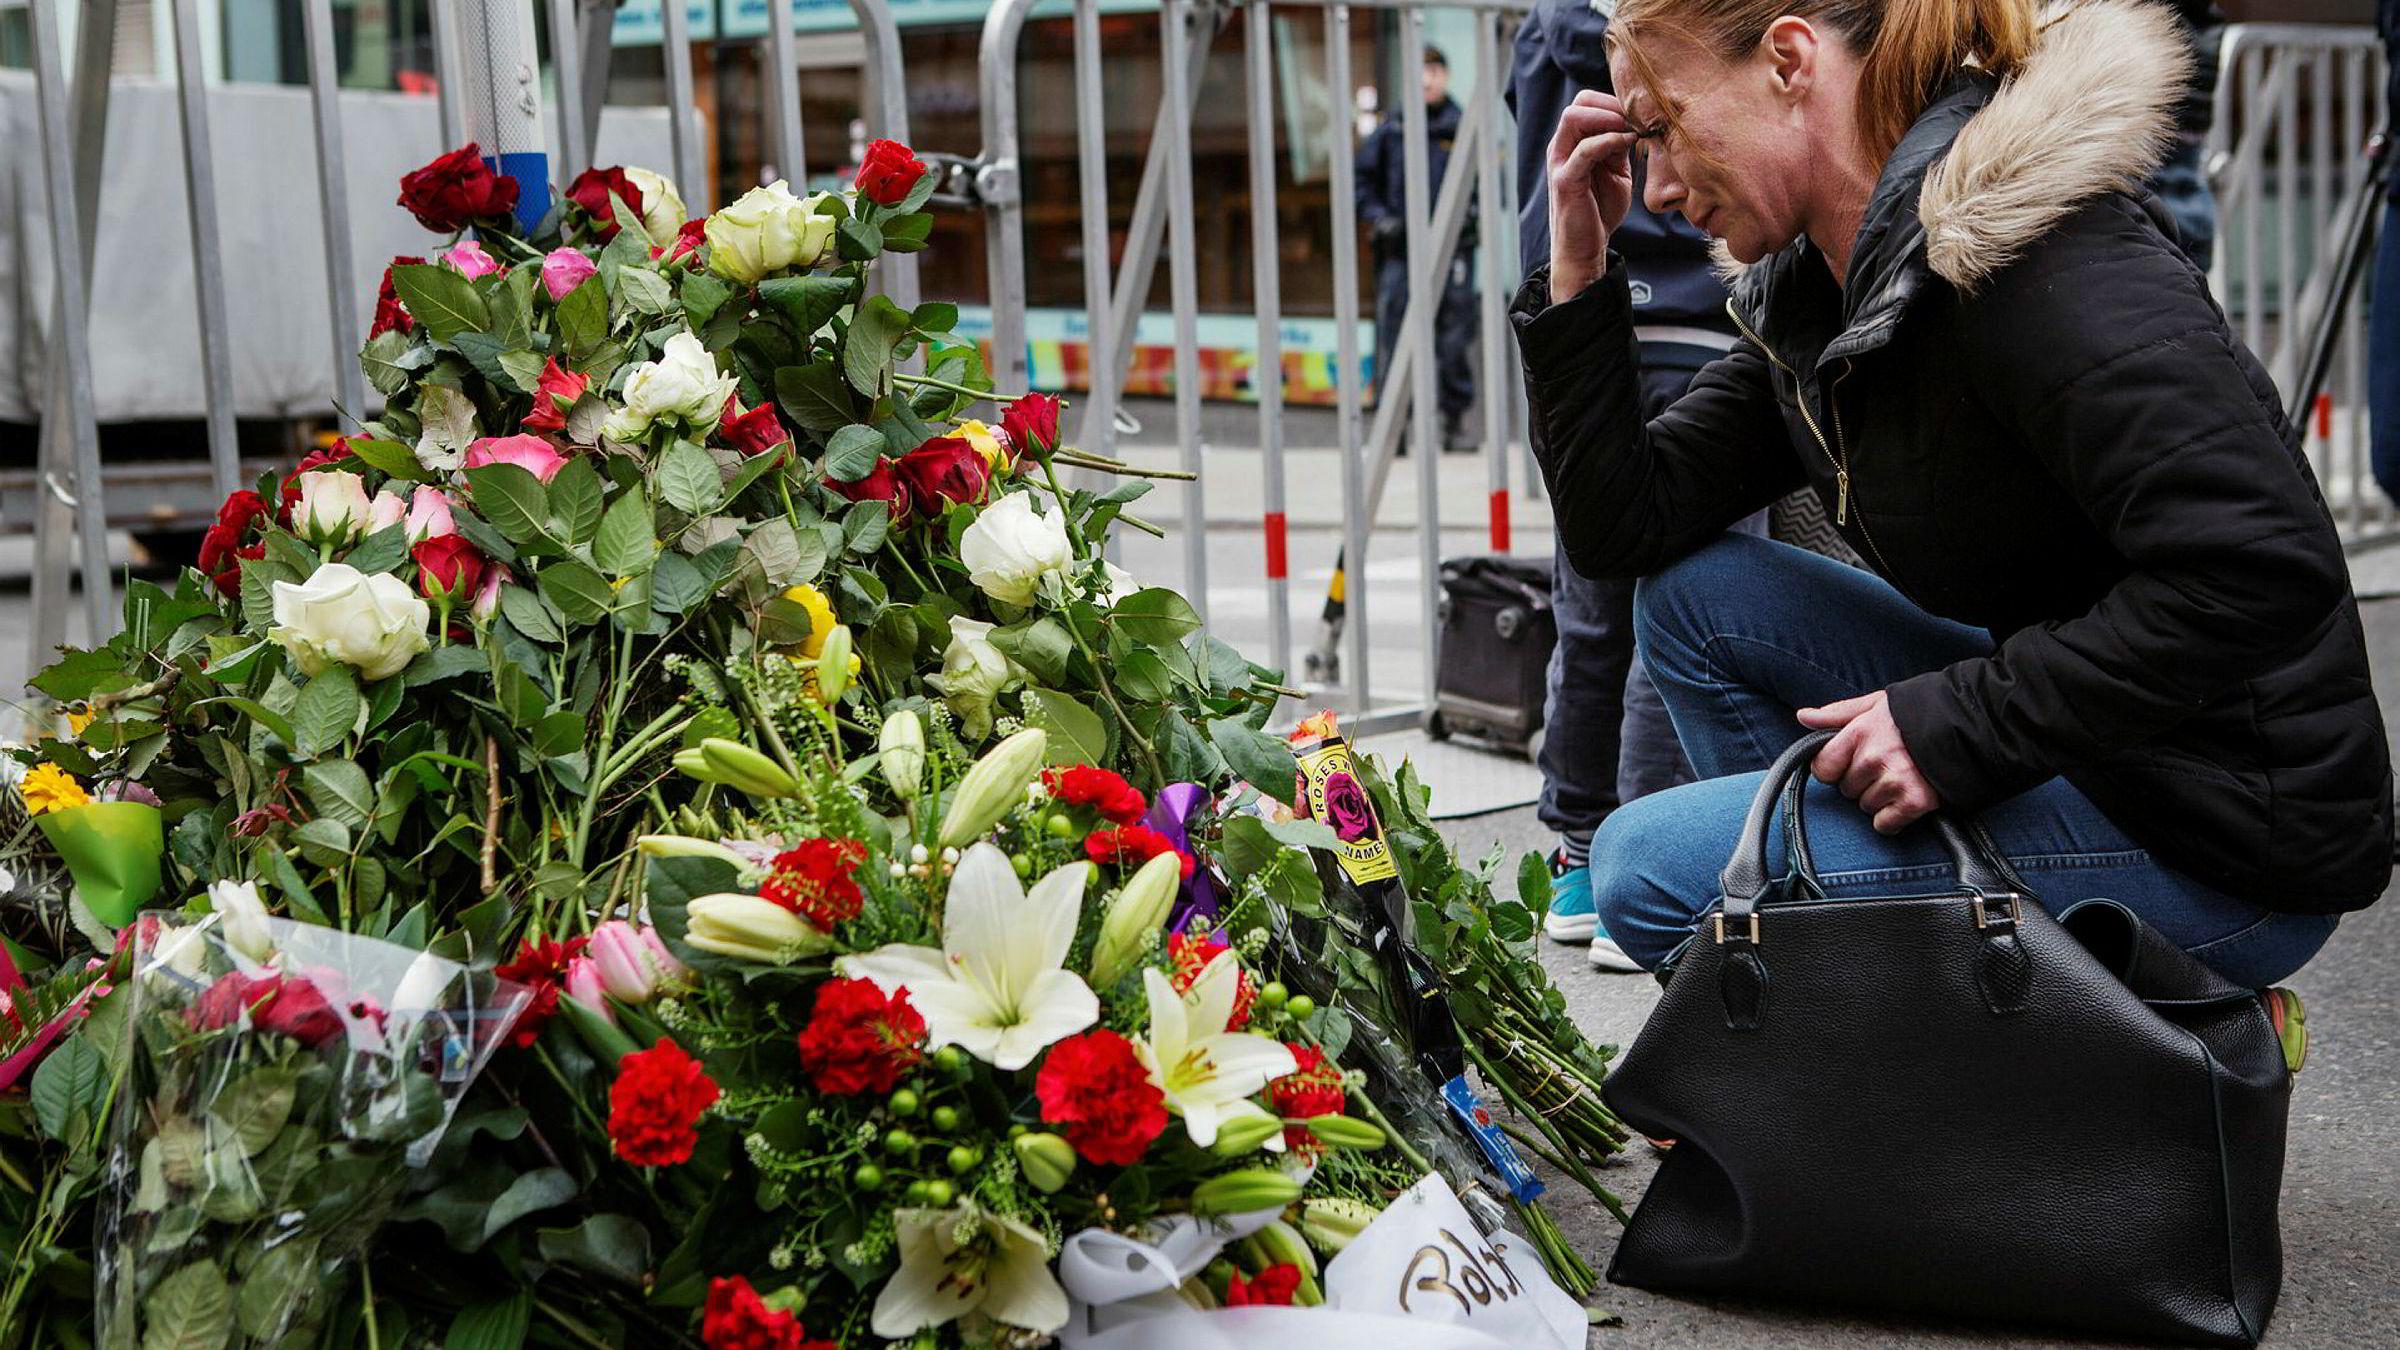 Erika Angermund legger ned blomster foran sperringen like ved Åhléns-varehuset i Drottninggatan. Hun har tatt turen til byen med familien for å ta del i sorgen.